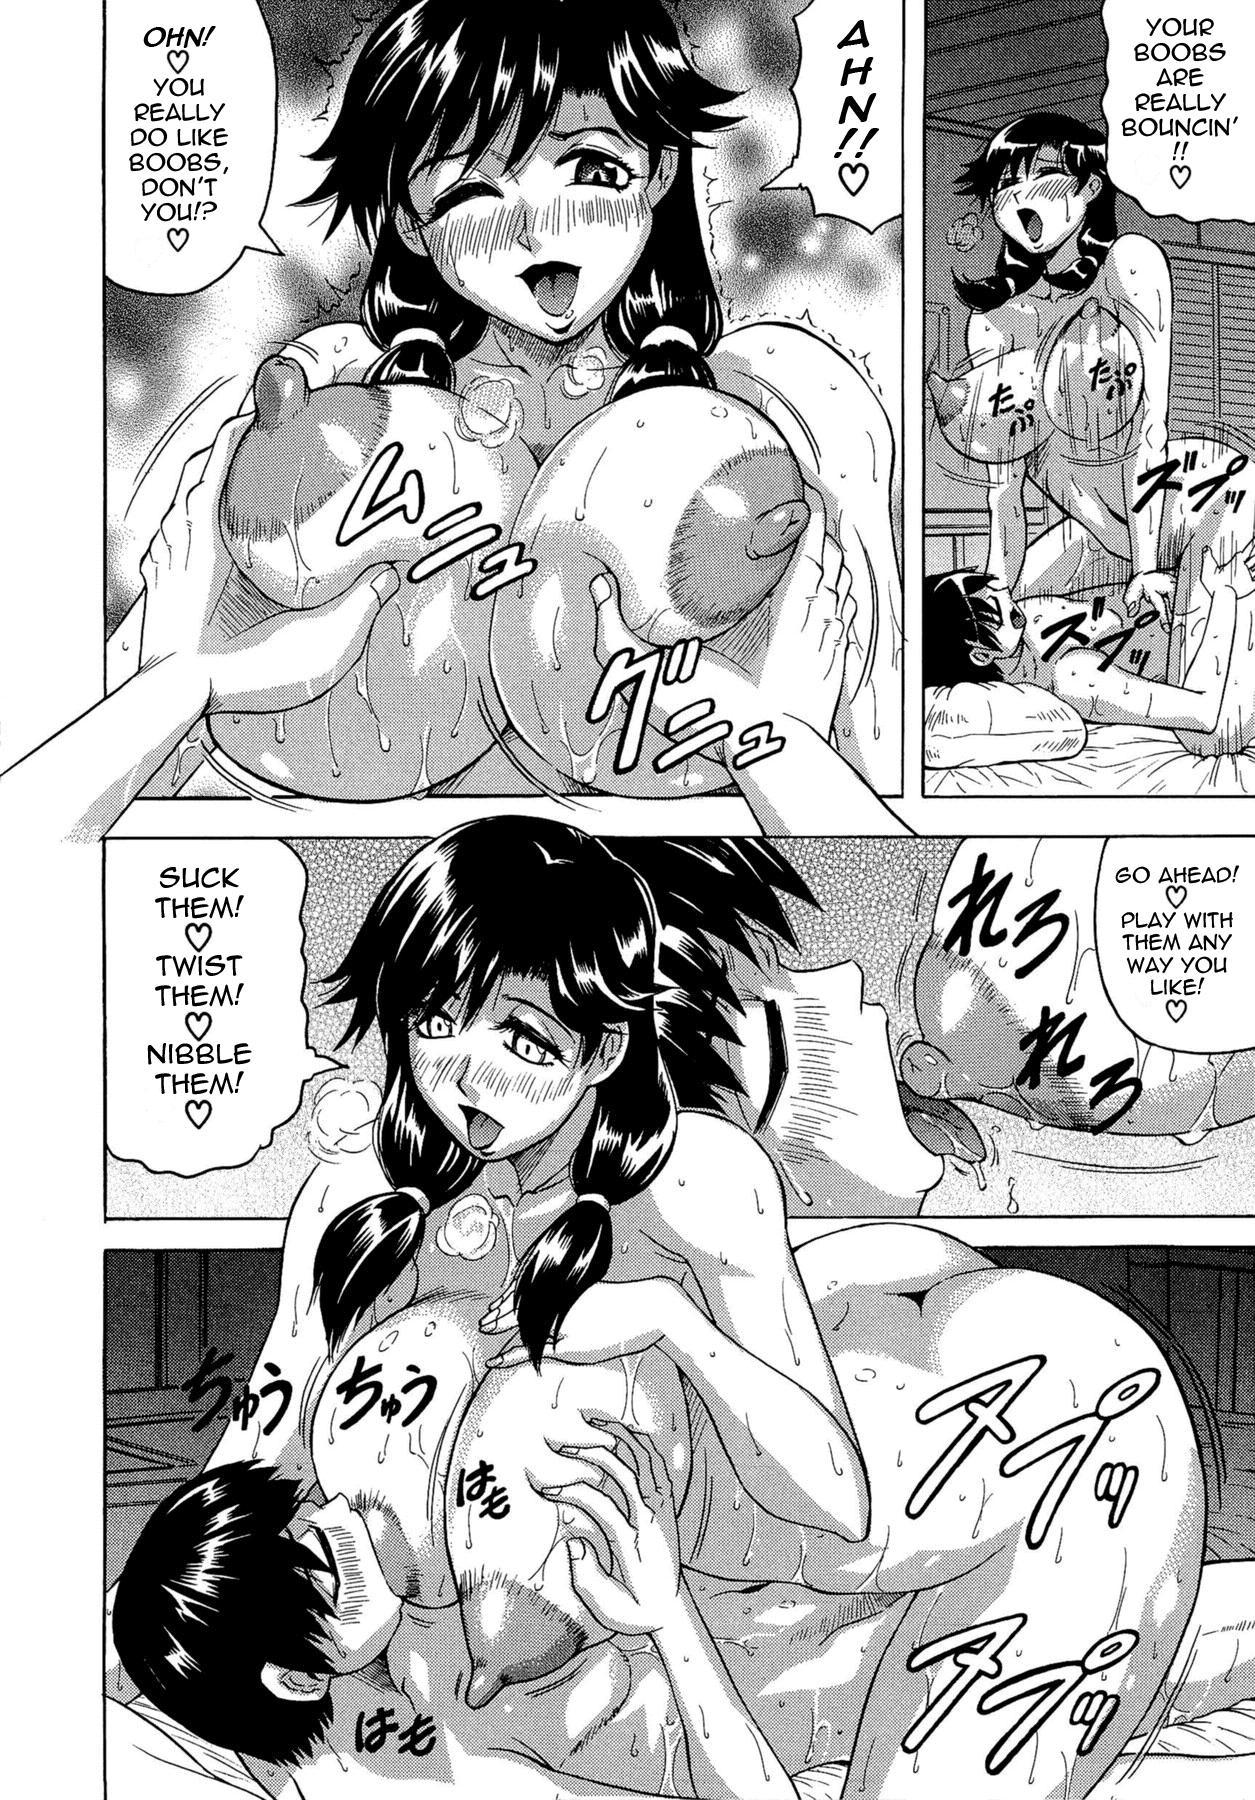 [Jamming] Koibito ha Tonari no Oneesan (Hatsujyouki) | My Lover is the Girl Next Door [English] {Tadanohito} 155